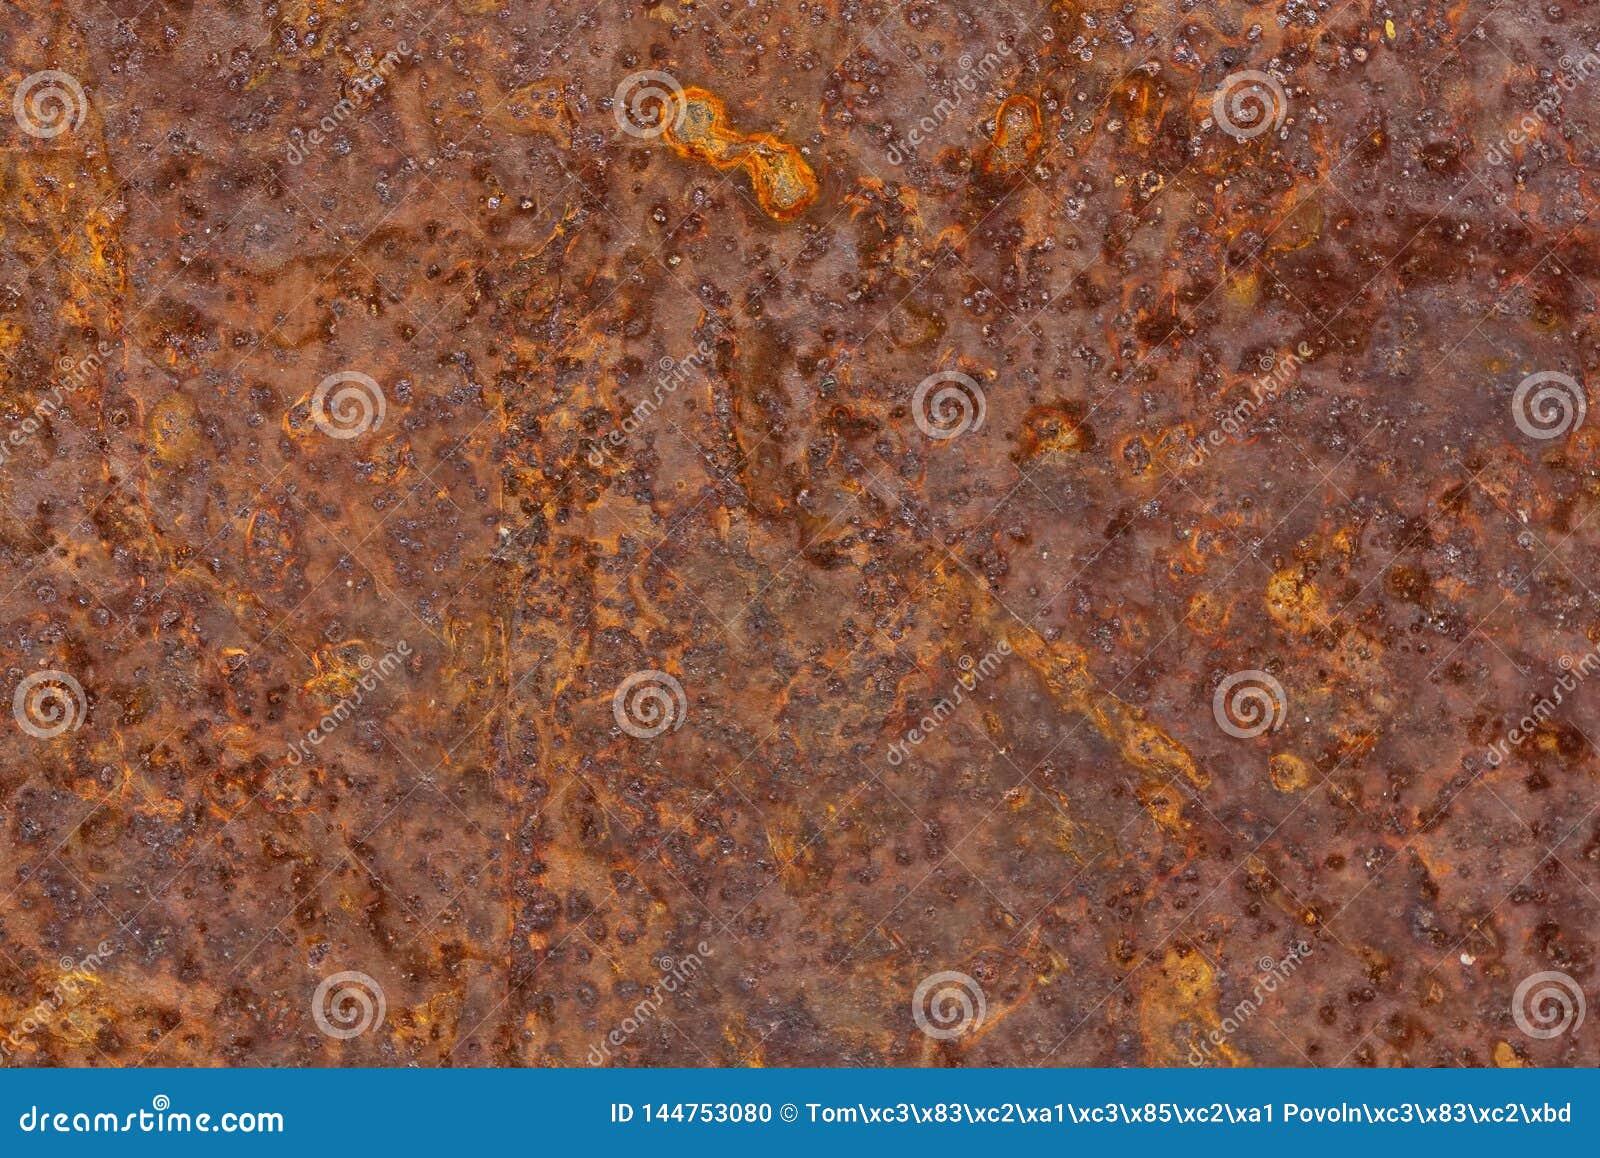 Metallarket korroderade rostig oxiderad viktig textur för bakgrund